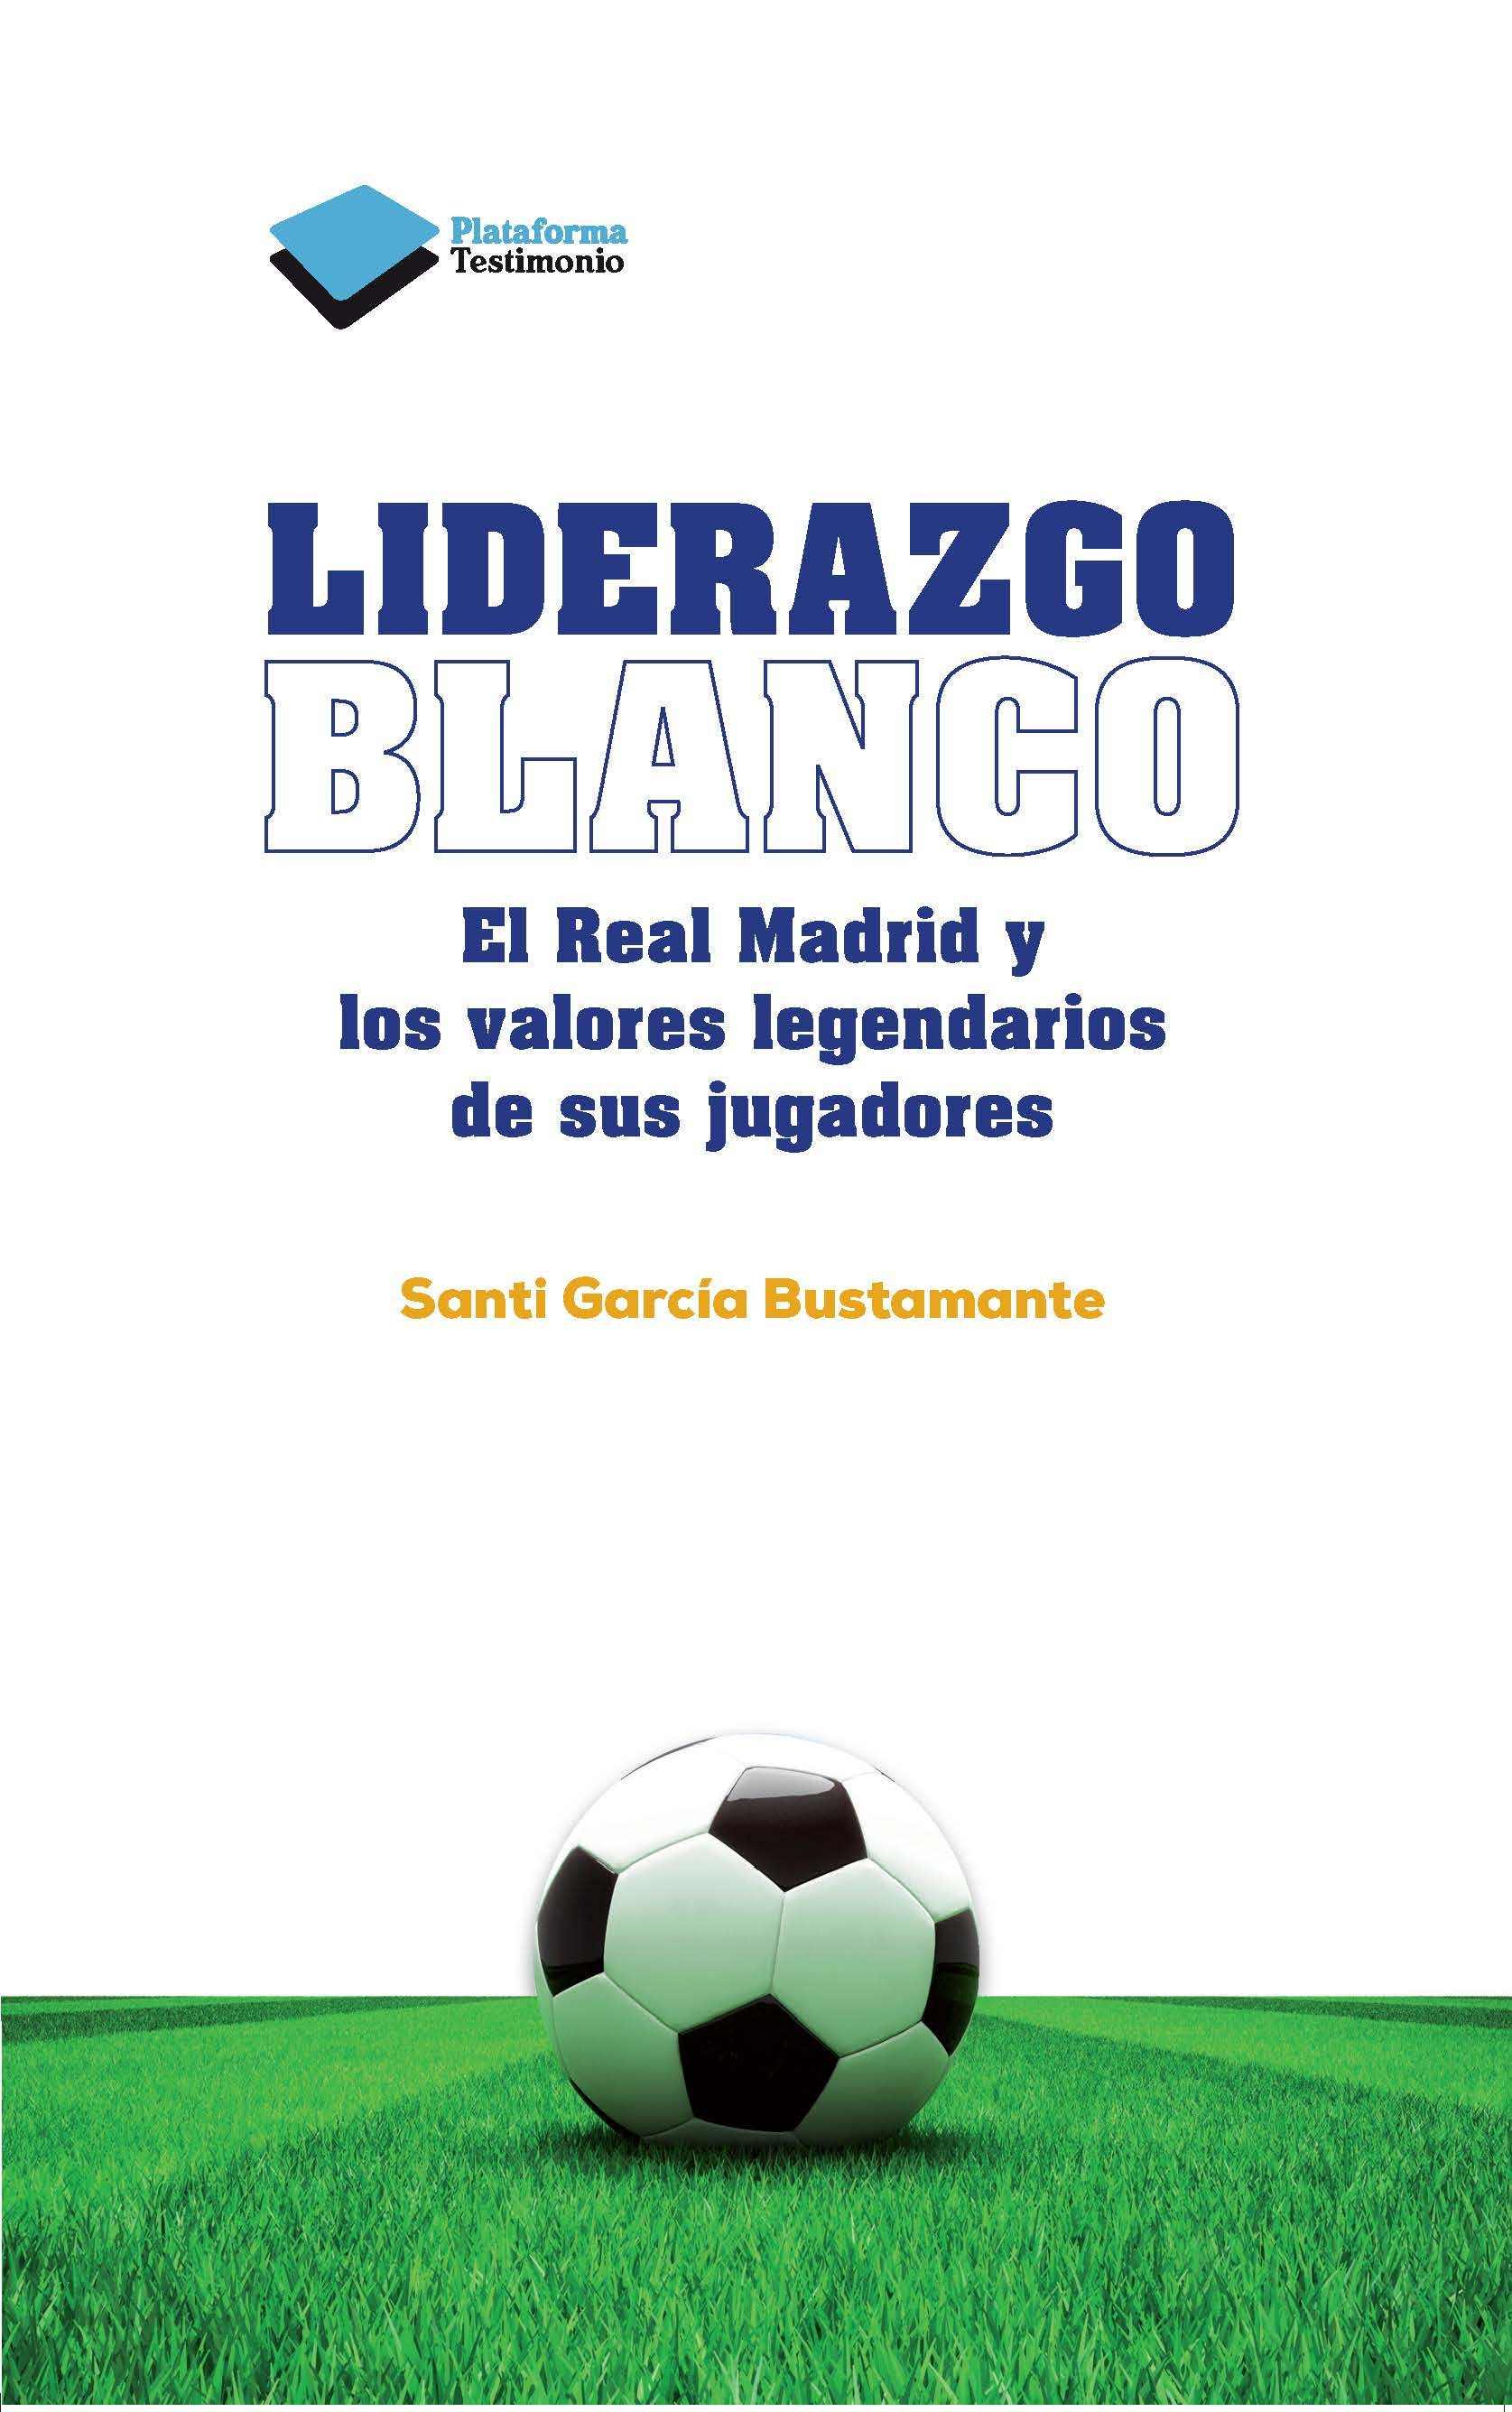 LIDERAZGO BLANCO. EL REAL MADRID Y LOS VALORES LEGENDARIOS DE SUS JUGADORES